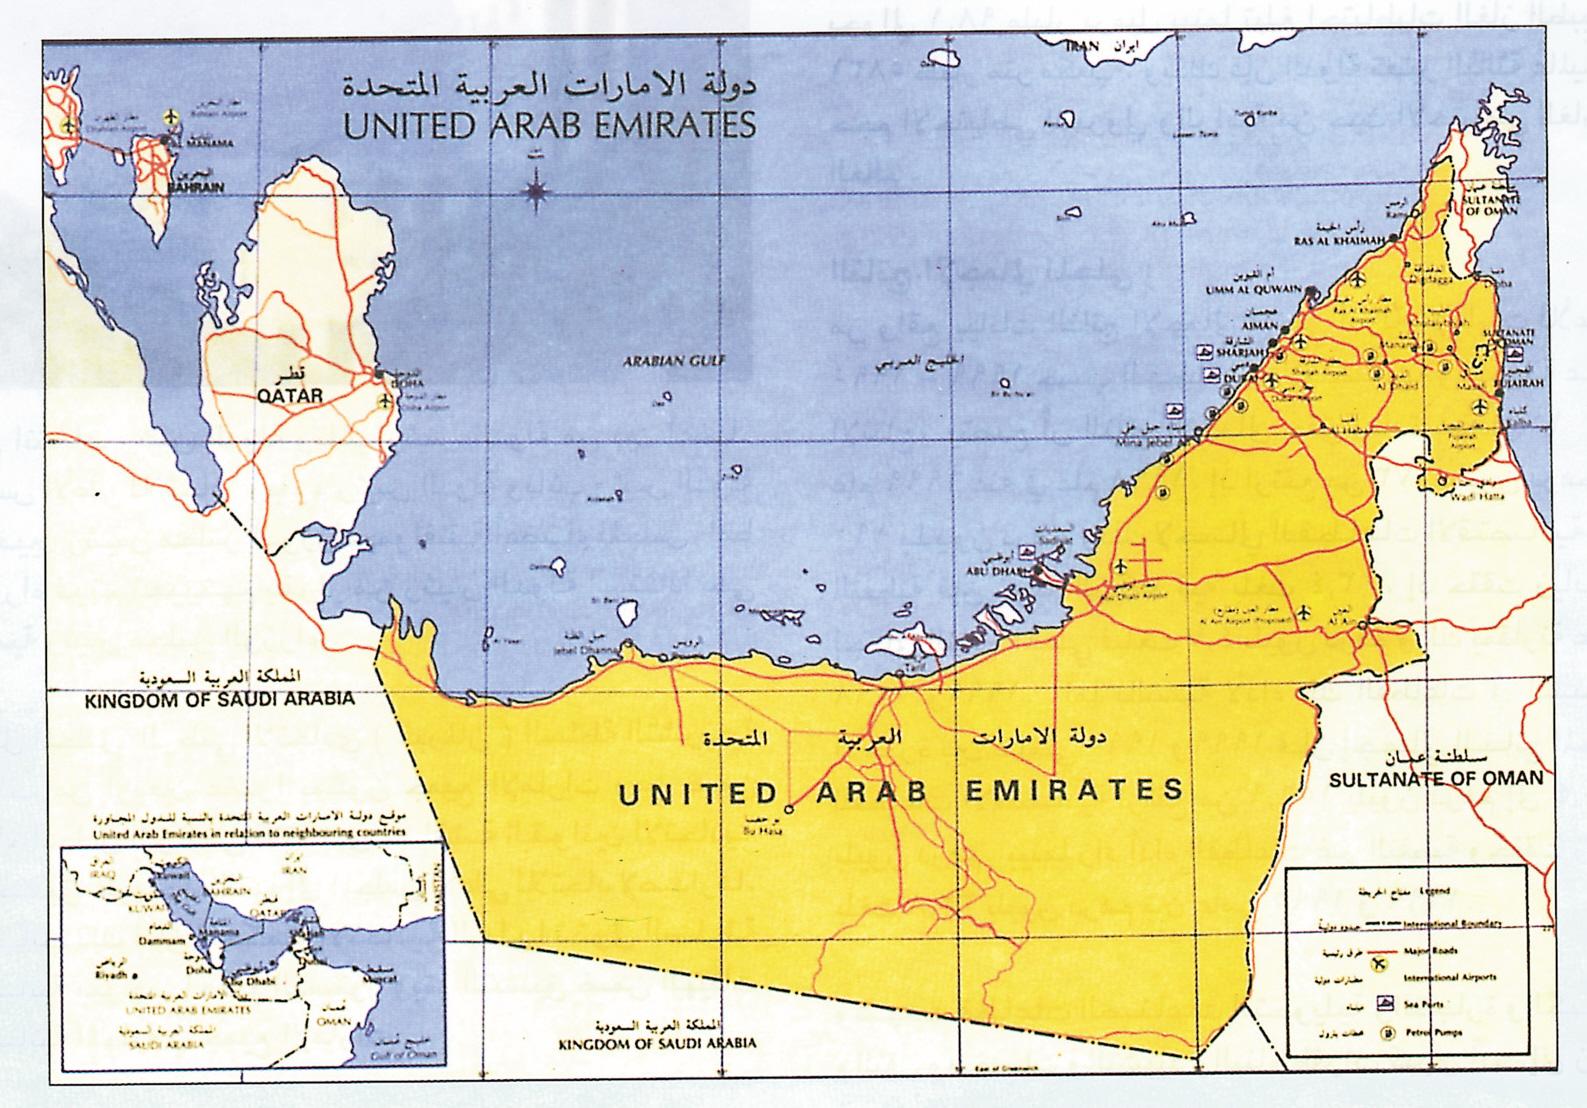 خريطة دولة الإمارات العربية المتحدة بالتفصيل منتديات عاشق الترحال